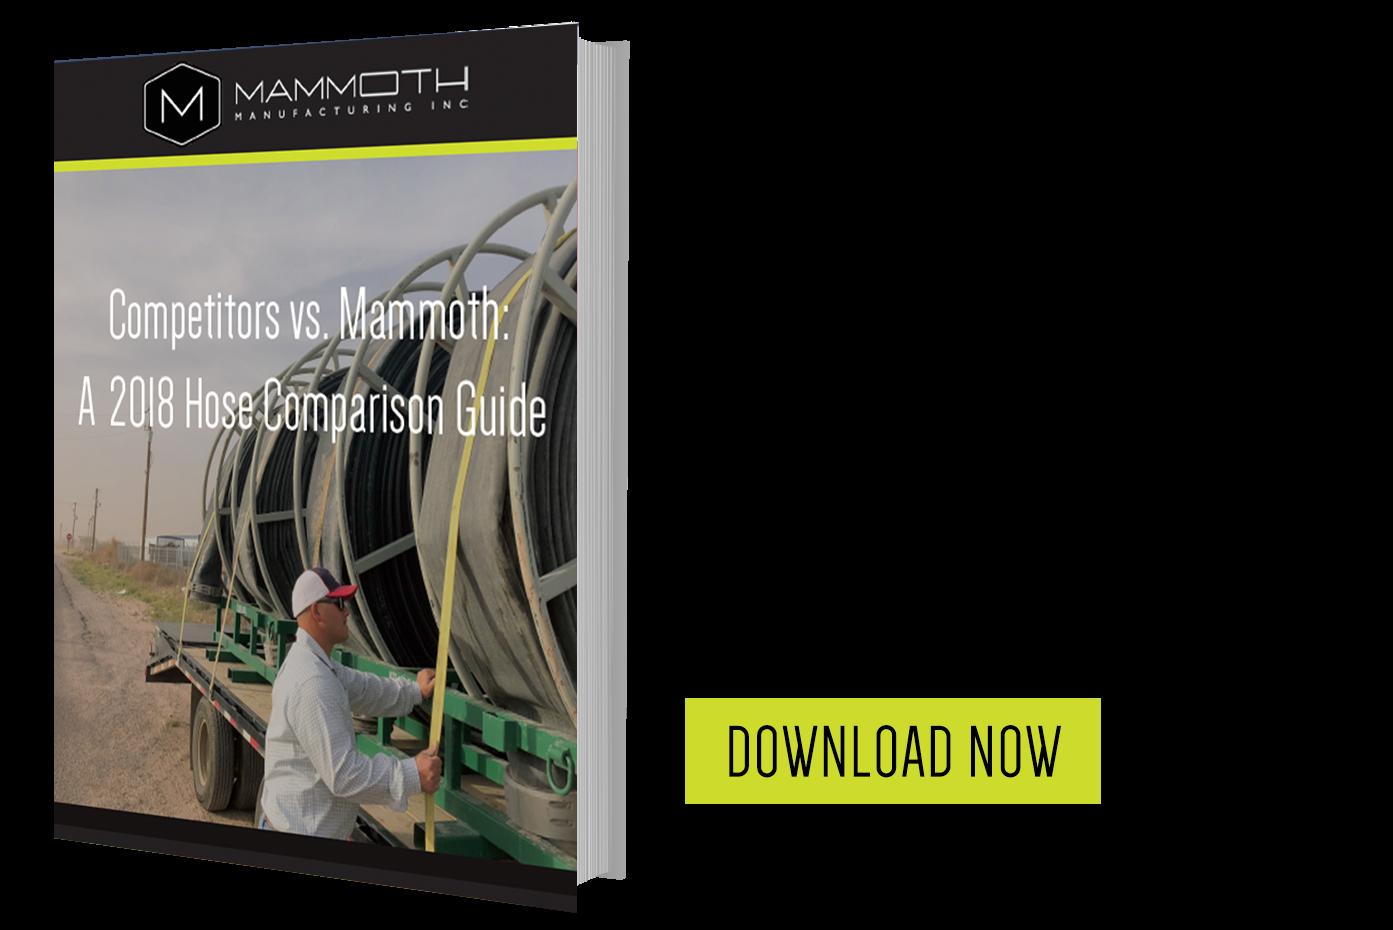 Competitors vs Mammoth: A 2018 Hose Comparison Guide